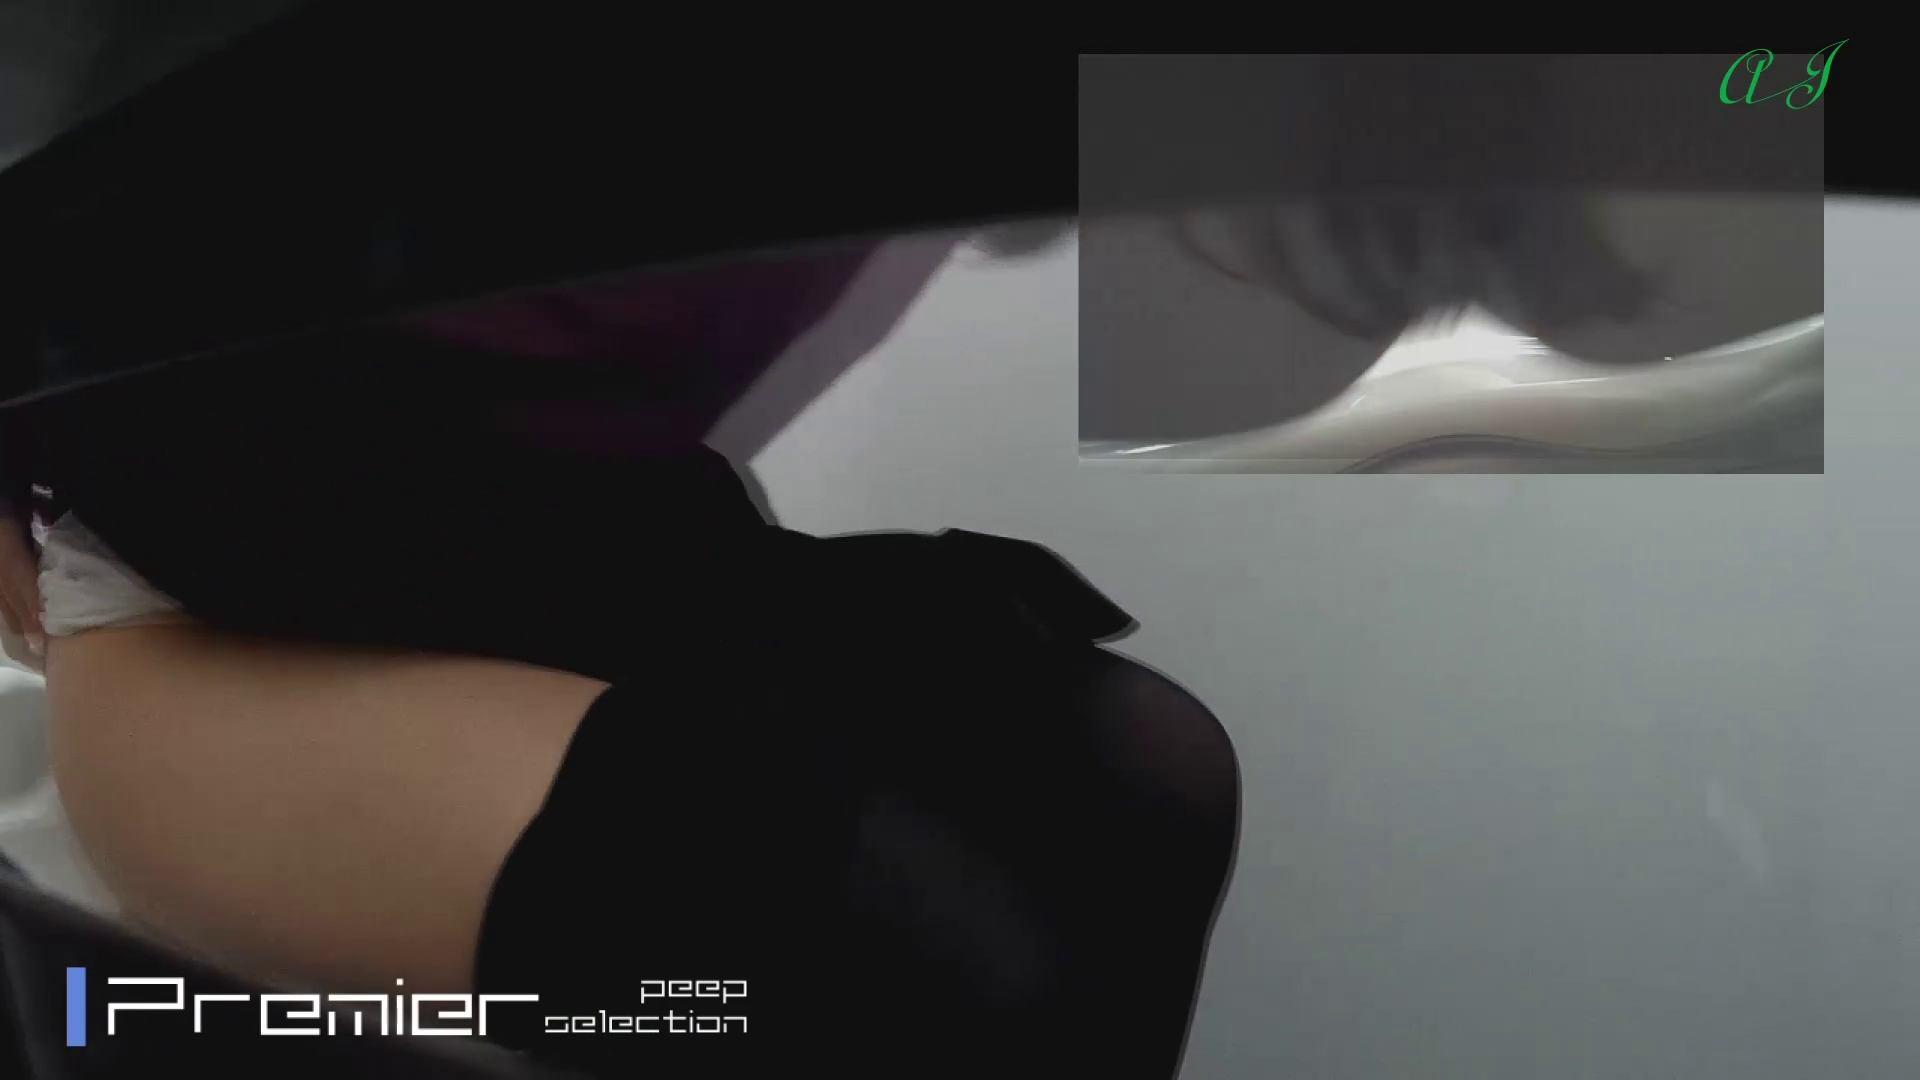 無修正エロ動画|未公開 新アングル 4名の美女達 有名大学女性洗面所 vol.76|怪盗ジョーカー